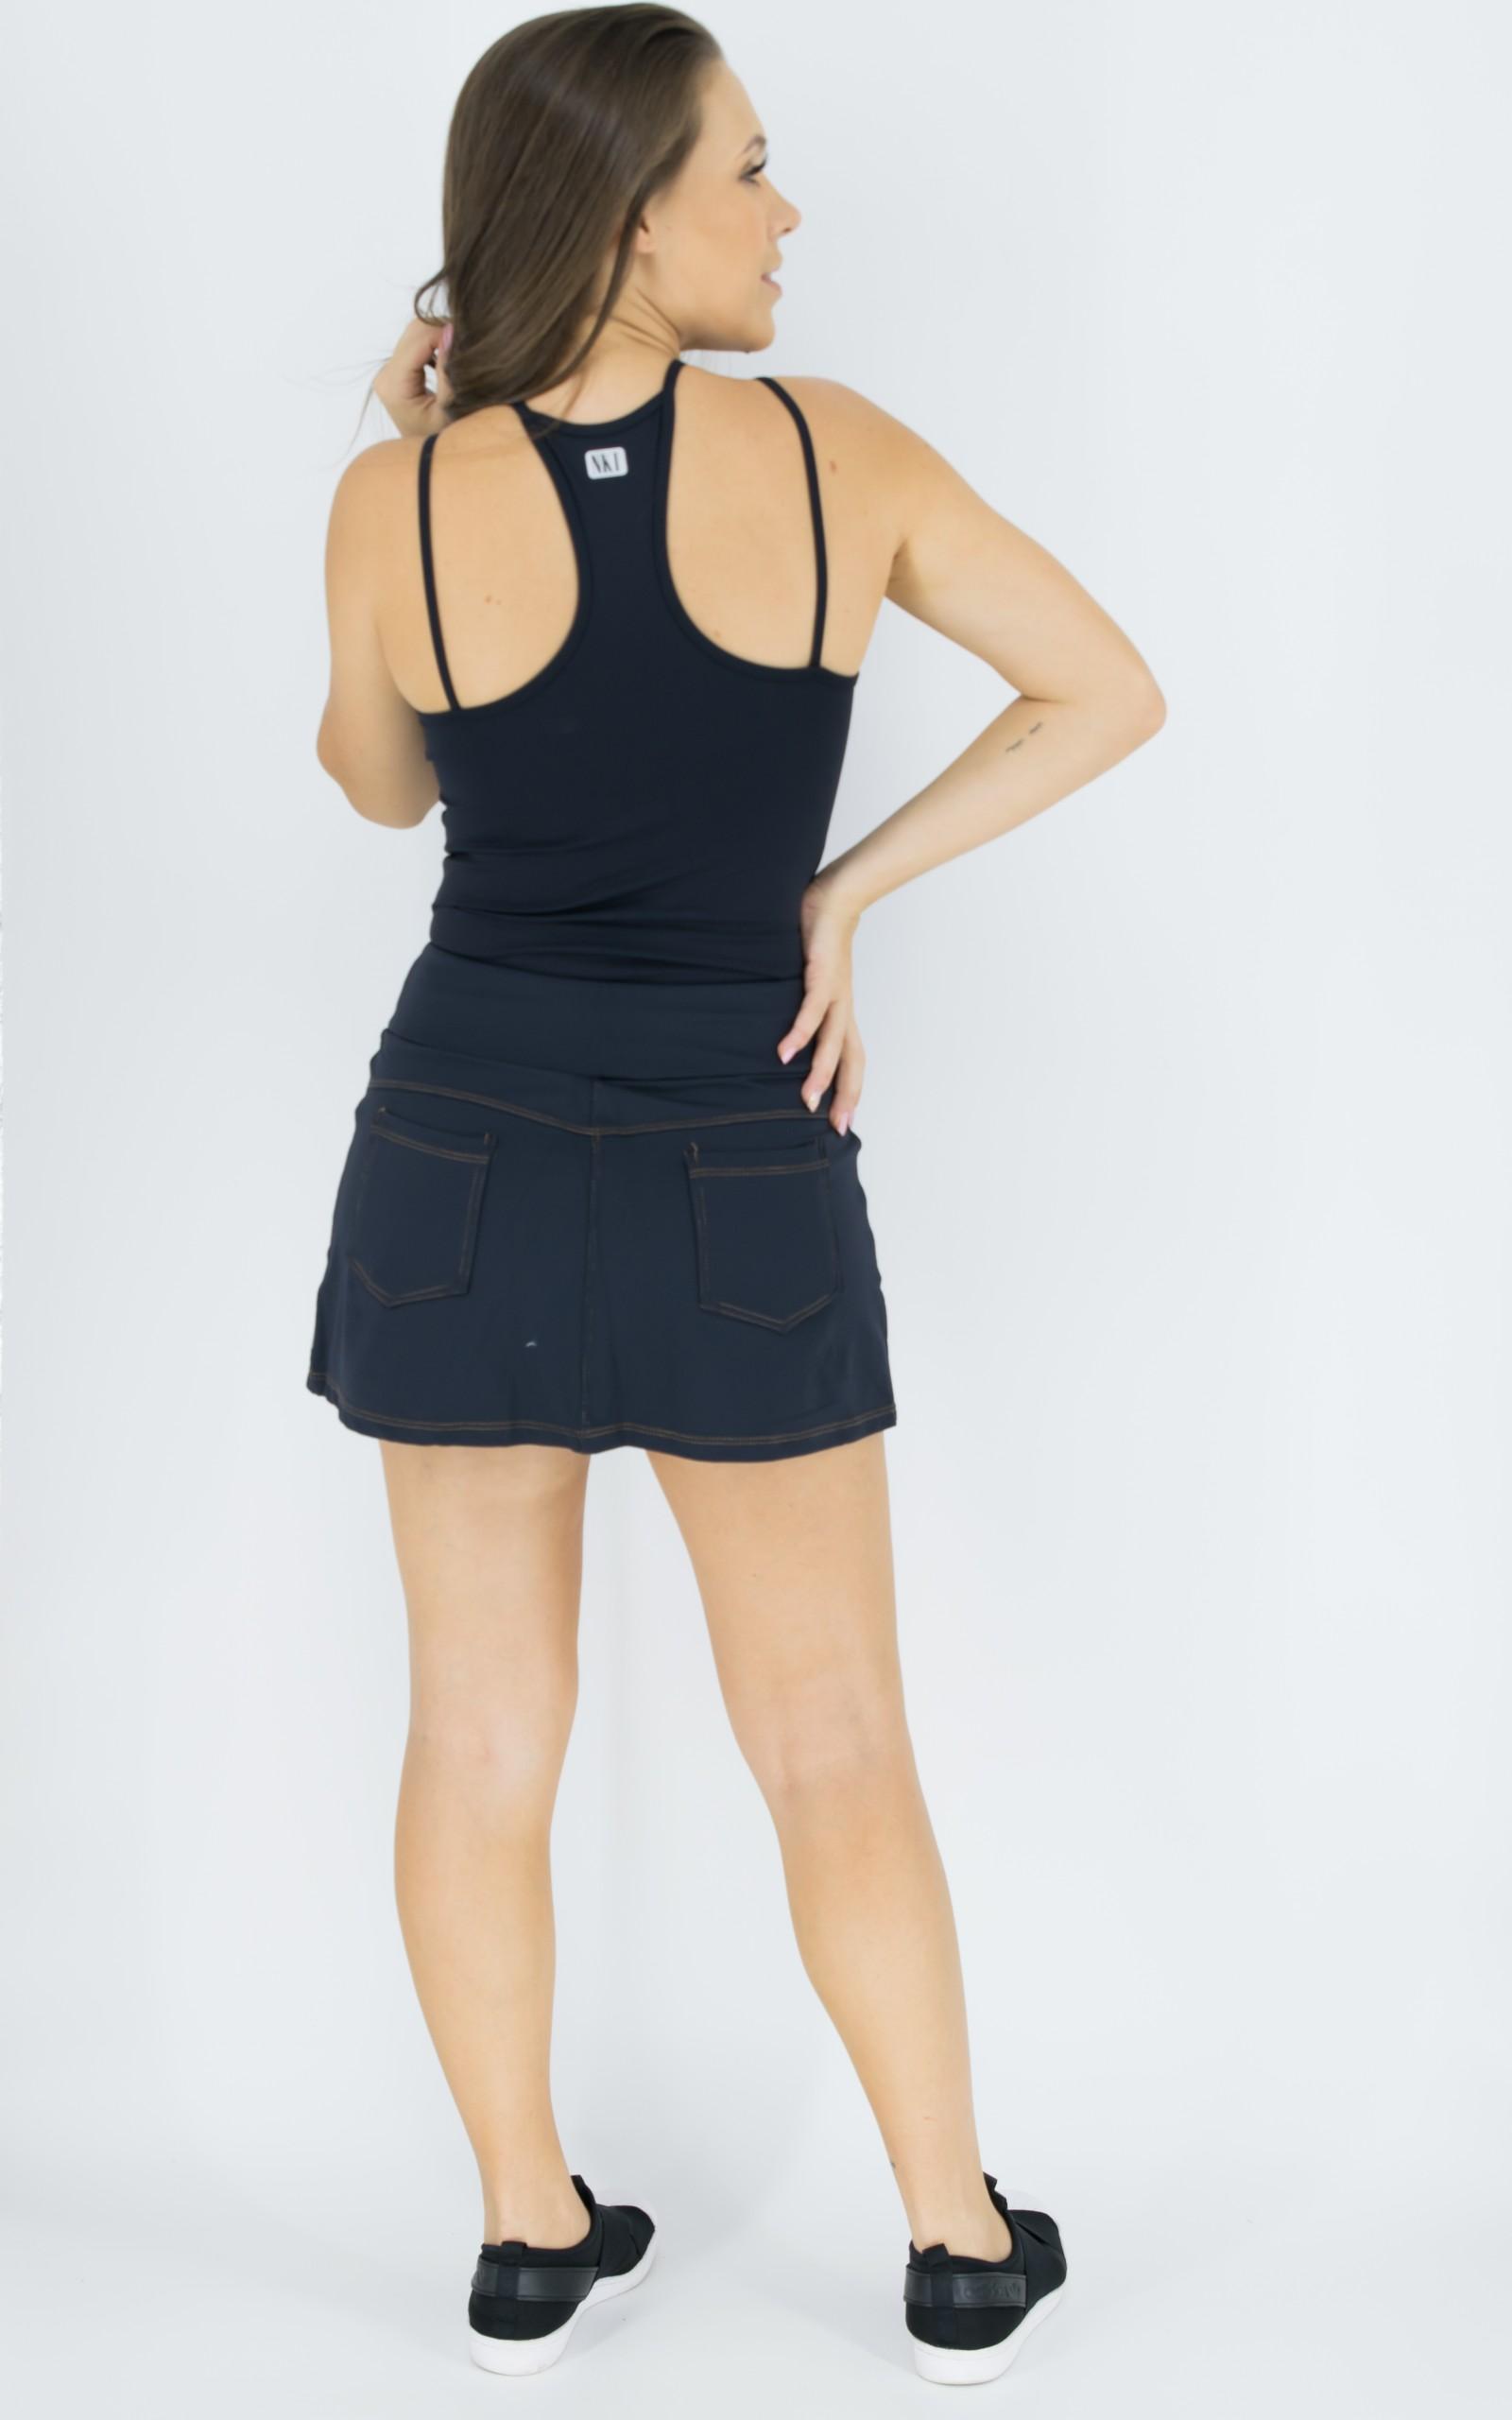 Regata Life Preta, Coleção Move Your Body - NKT Fitwear Moda Fitness